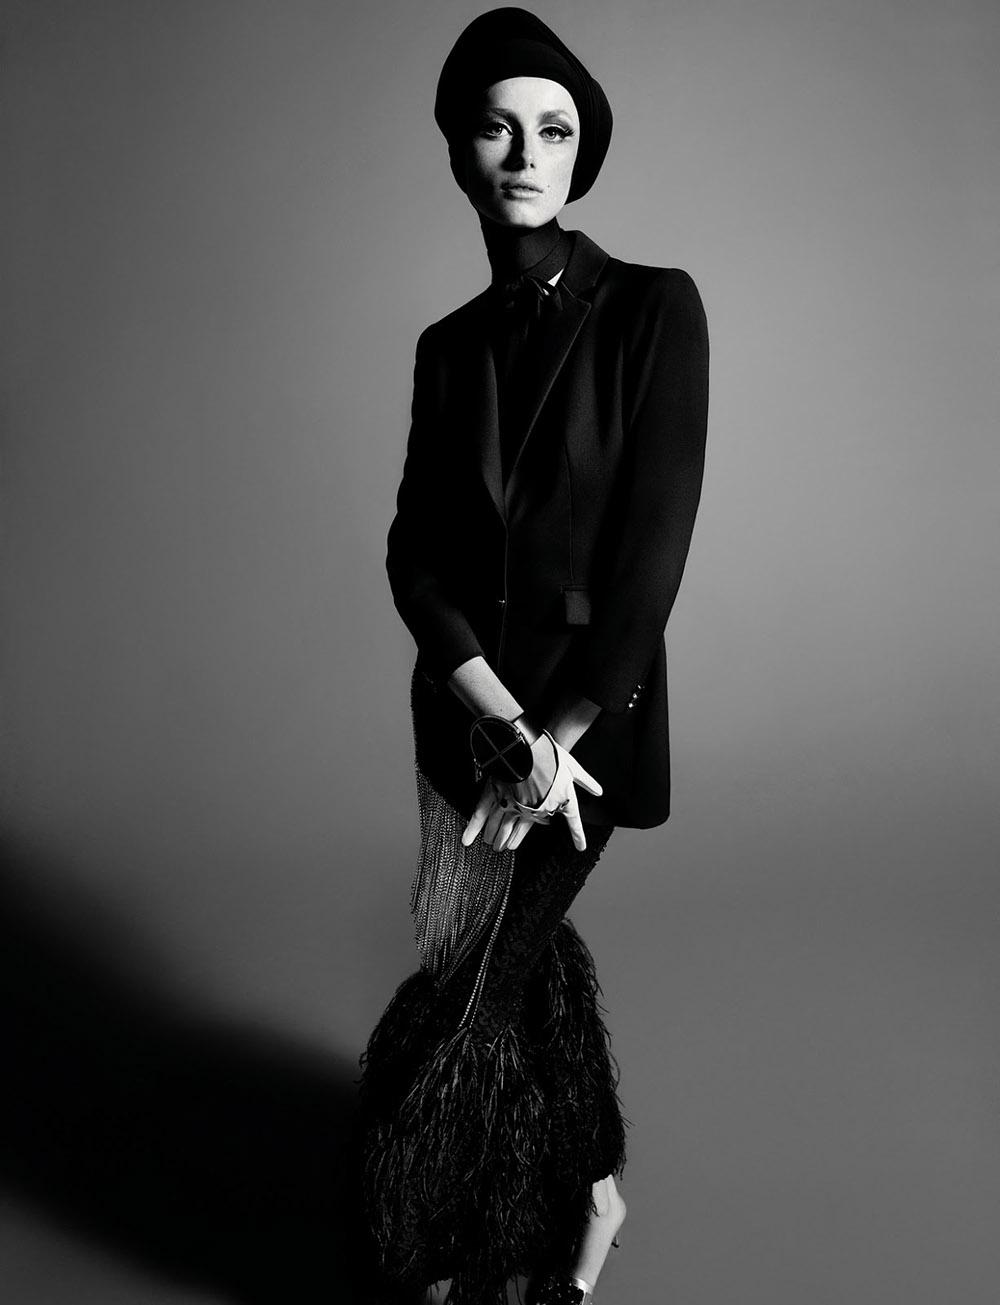 ''Joie de Vivre'' by Mert & Marcus for British Vogue March 2019